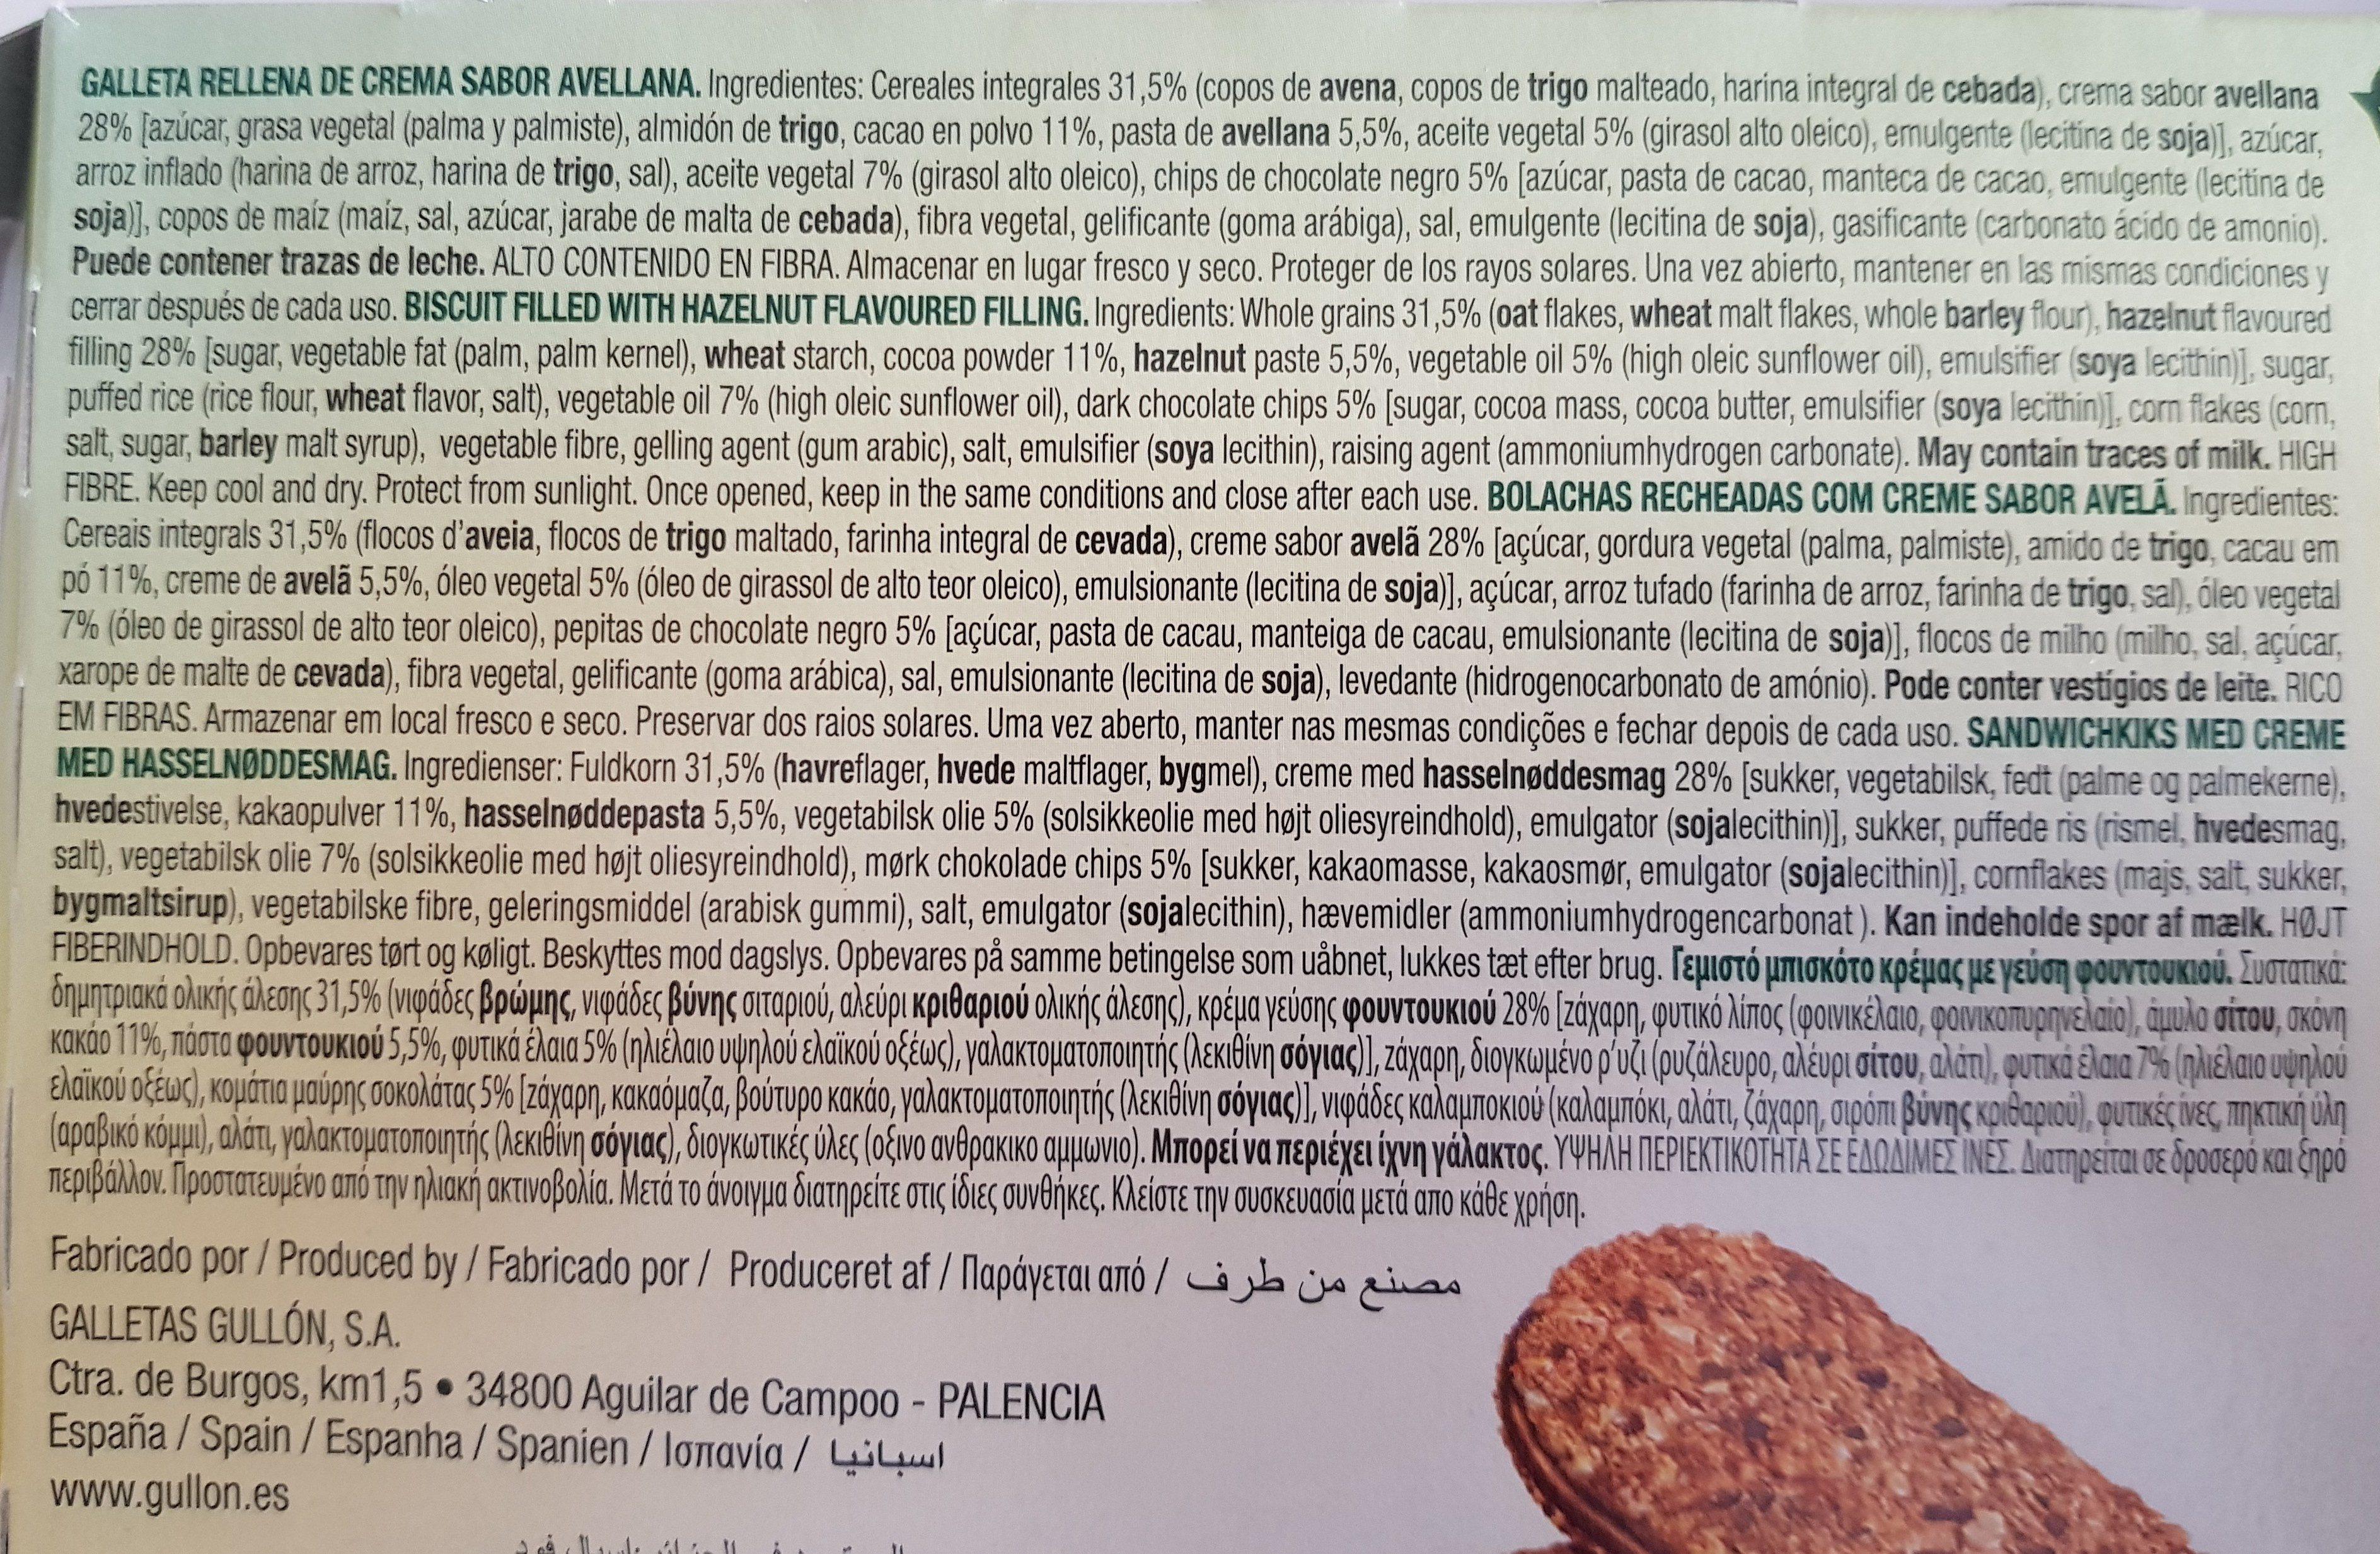 Sandwich de avellana con avena y chips de chocolate Vitalday - Ingredientes